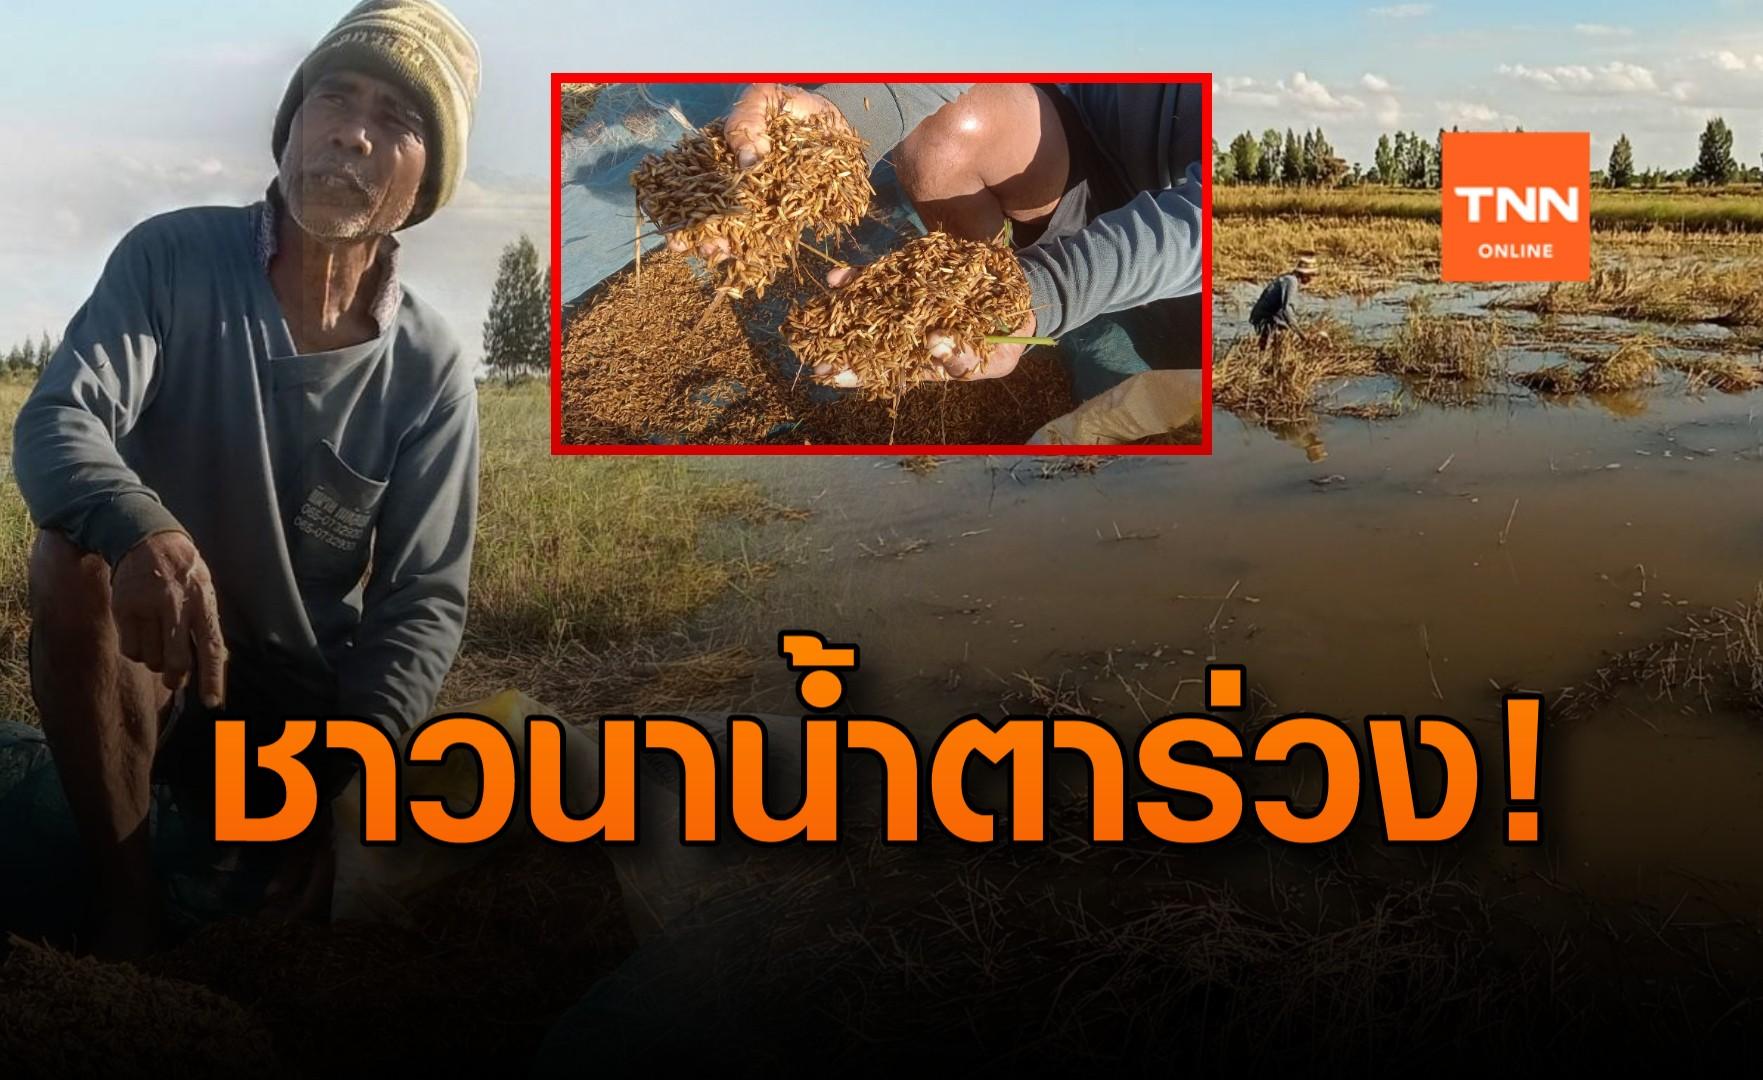 น้ำตาร่วง! ชาวนาเจอน้ำท่วม เดินเก็บข้าวร่วง หาเงินใช้หนี้